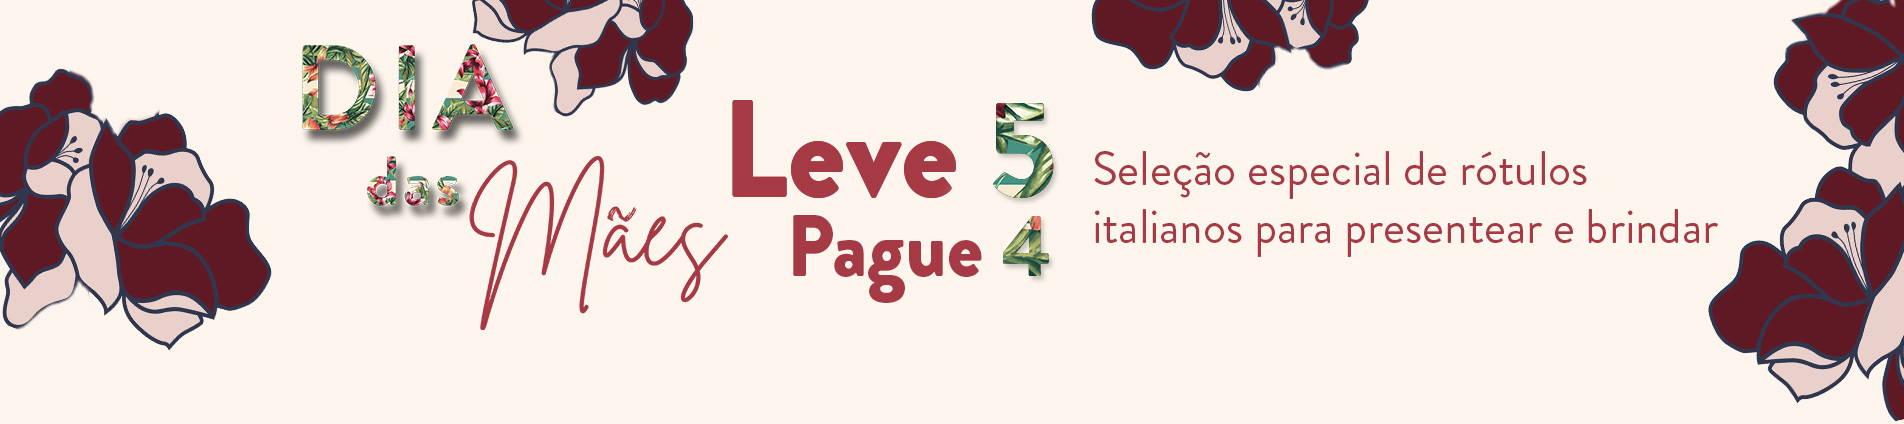 Leve 5 pague 4 vinhos da seleção especial de italianos para presentear e brindar